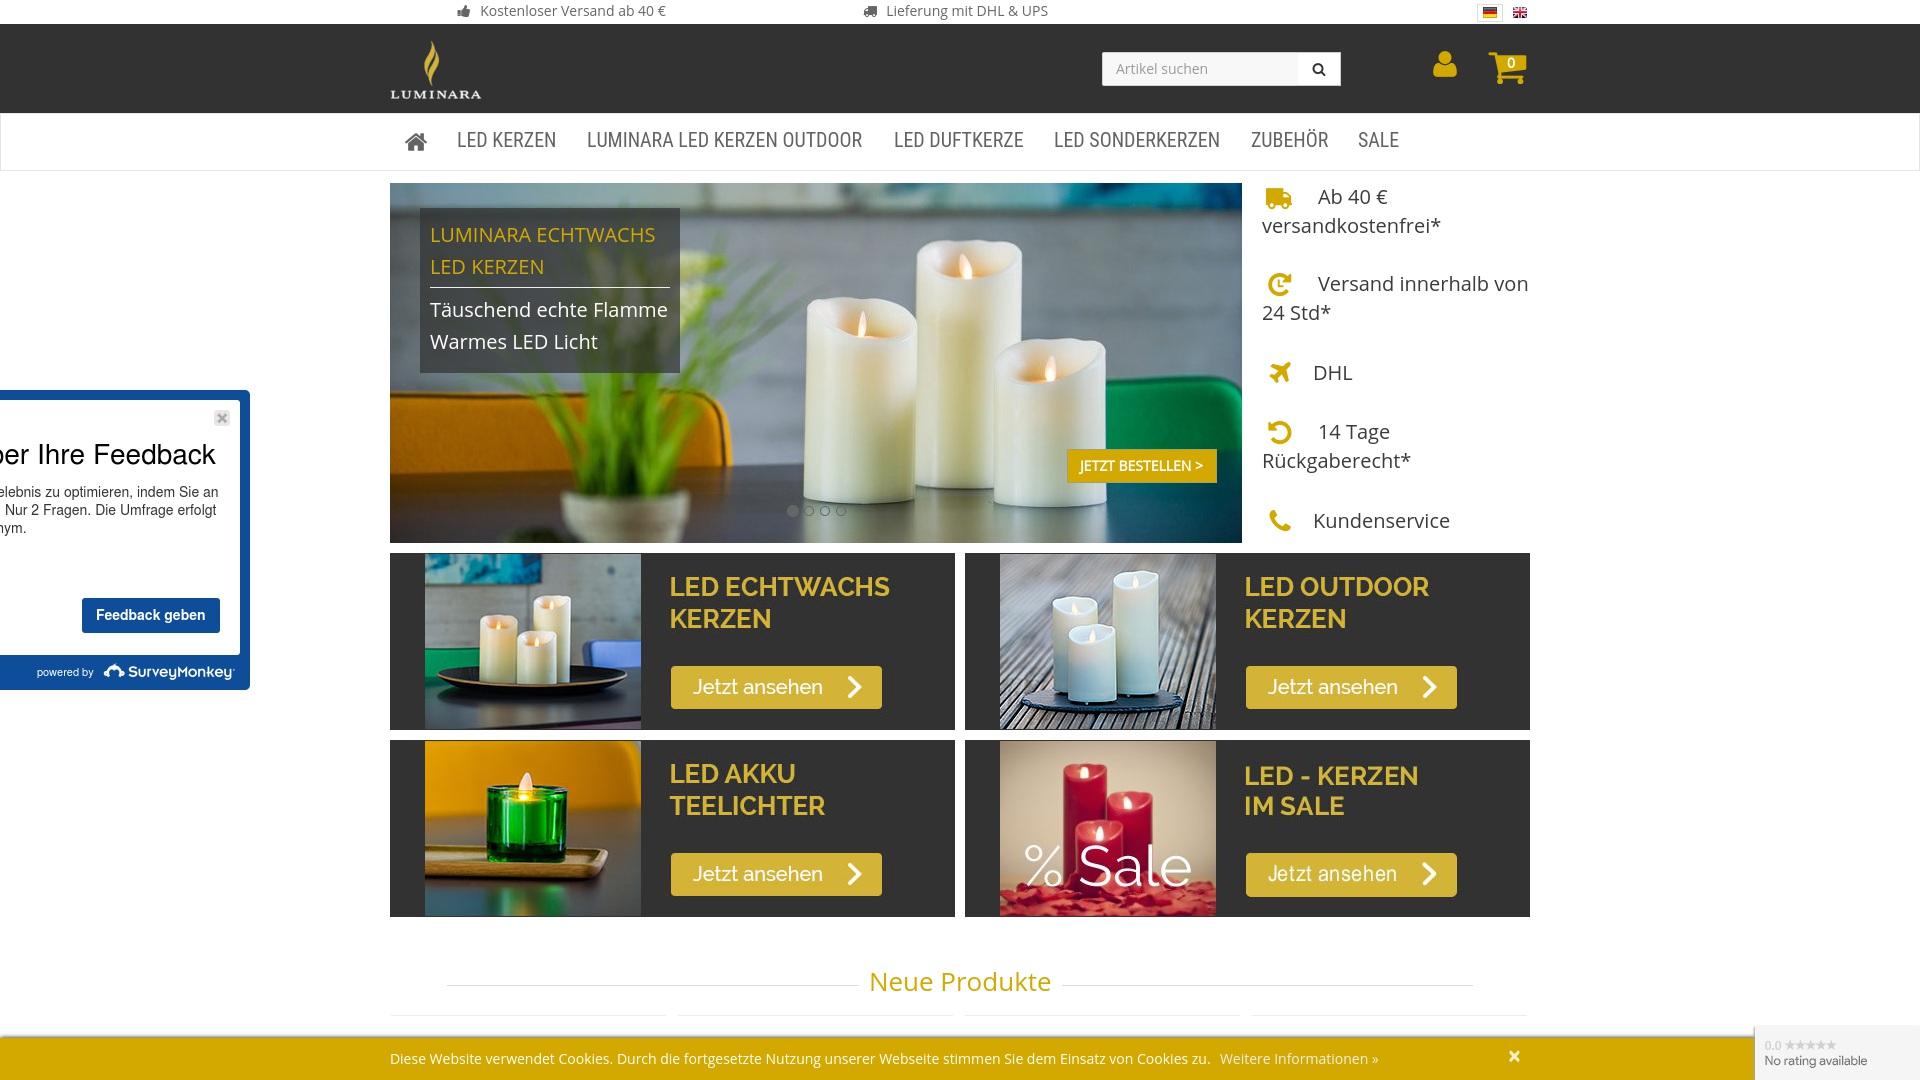 Gutschein für Luminara-kerzen: Rabatte für  Luminara-kerzen sichern